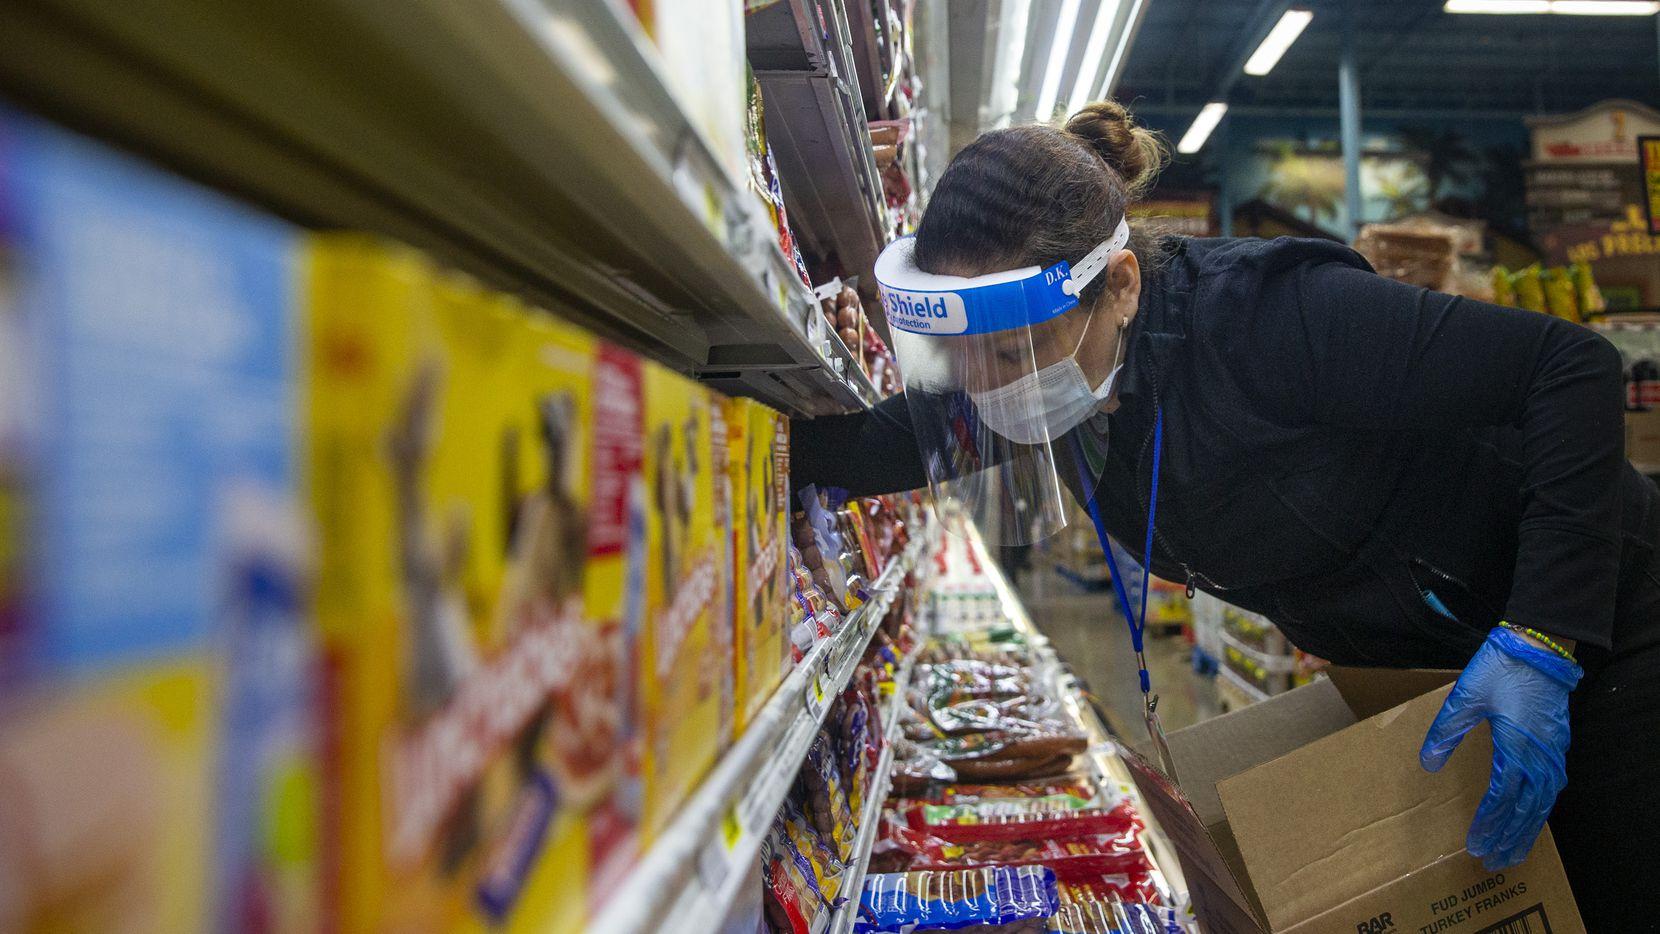 El Rancho Supermercado en Gaston Ave. en Dallas, es uno de los locales donde se han tomado medidas de seguridad debido a la pandemia del coronavirus.